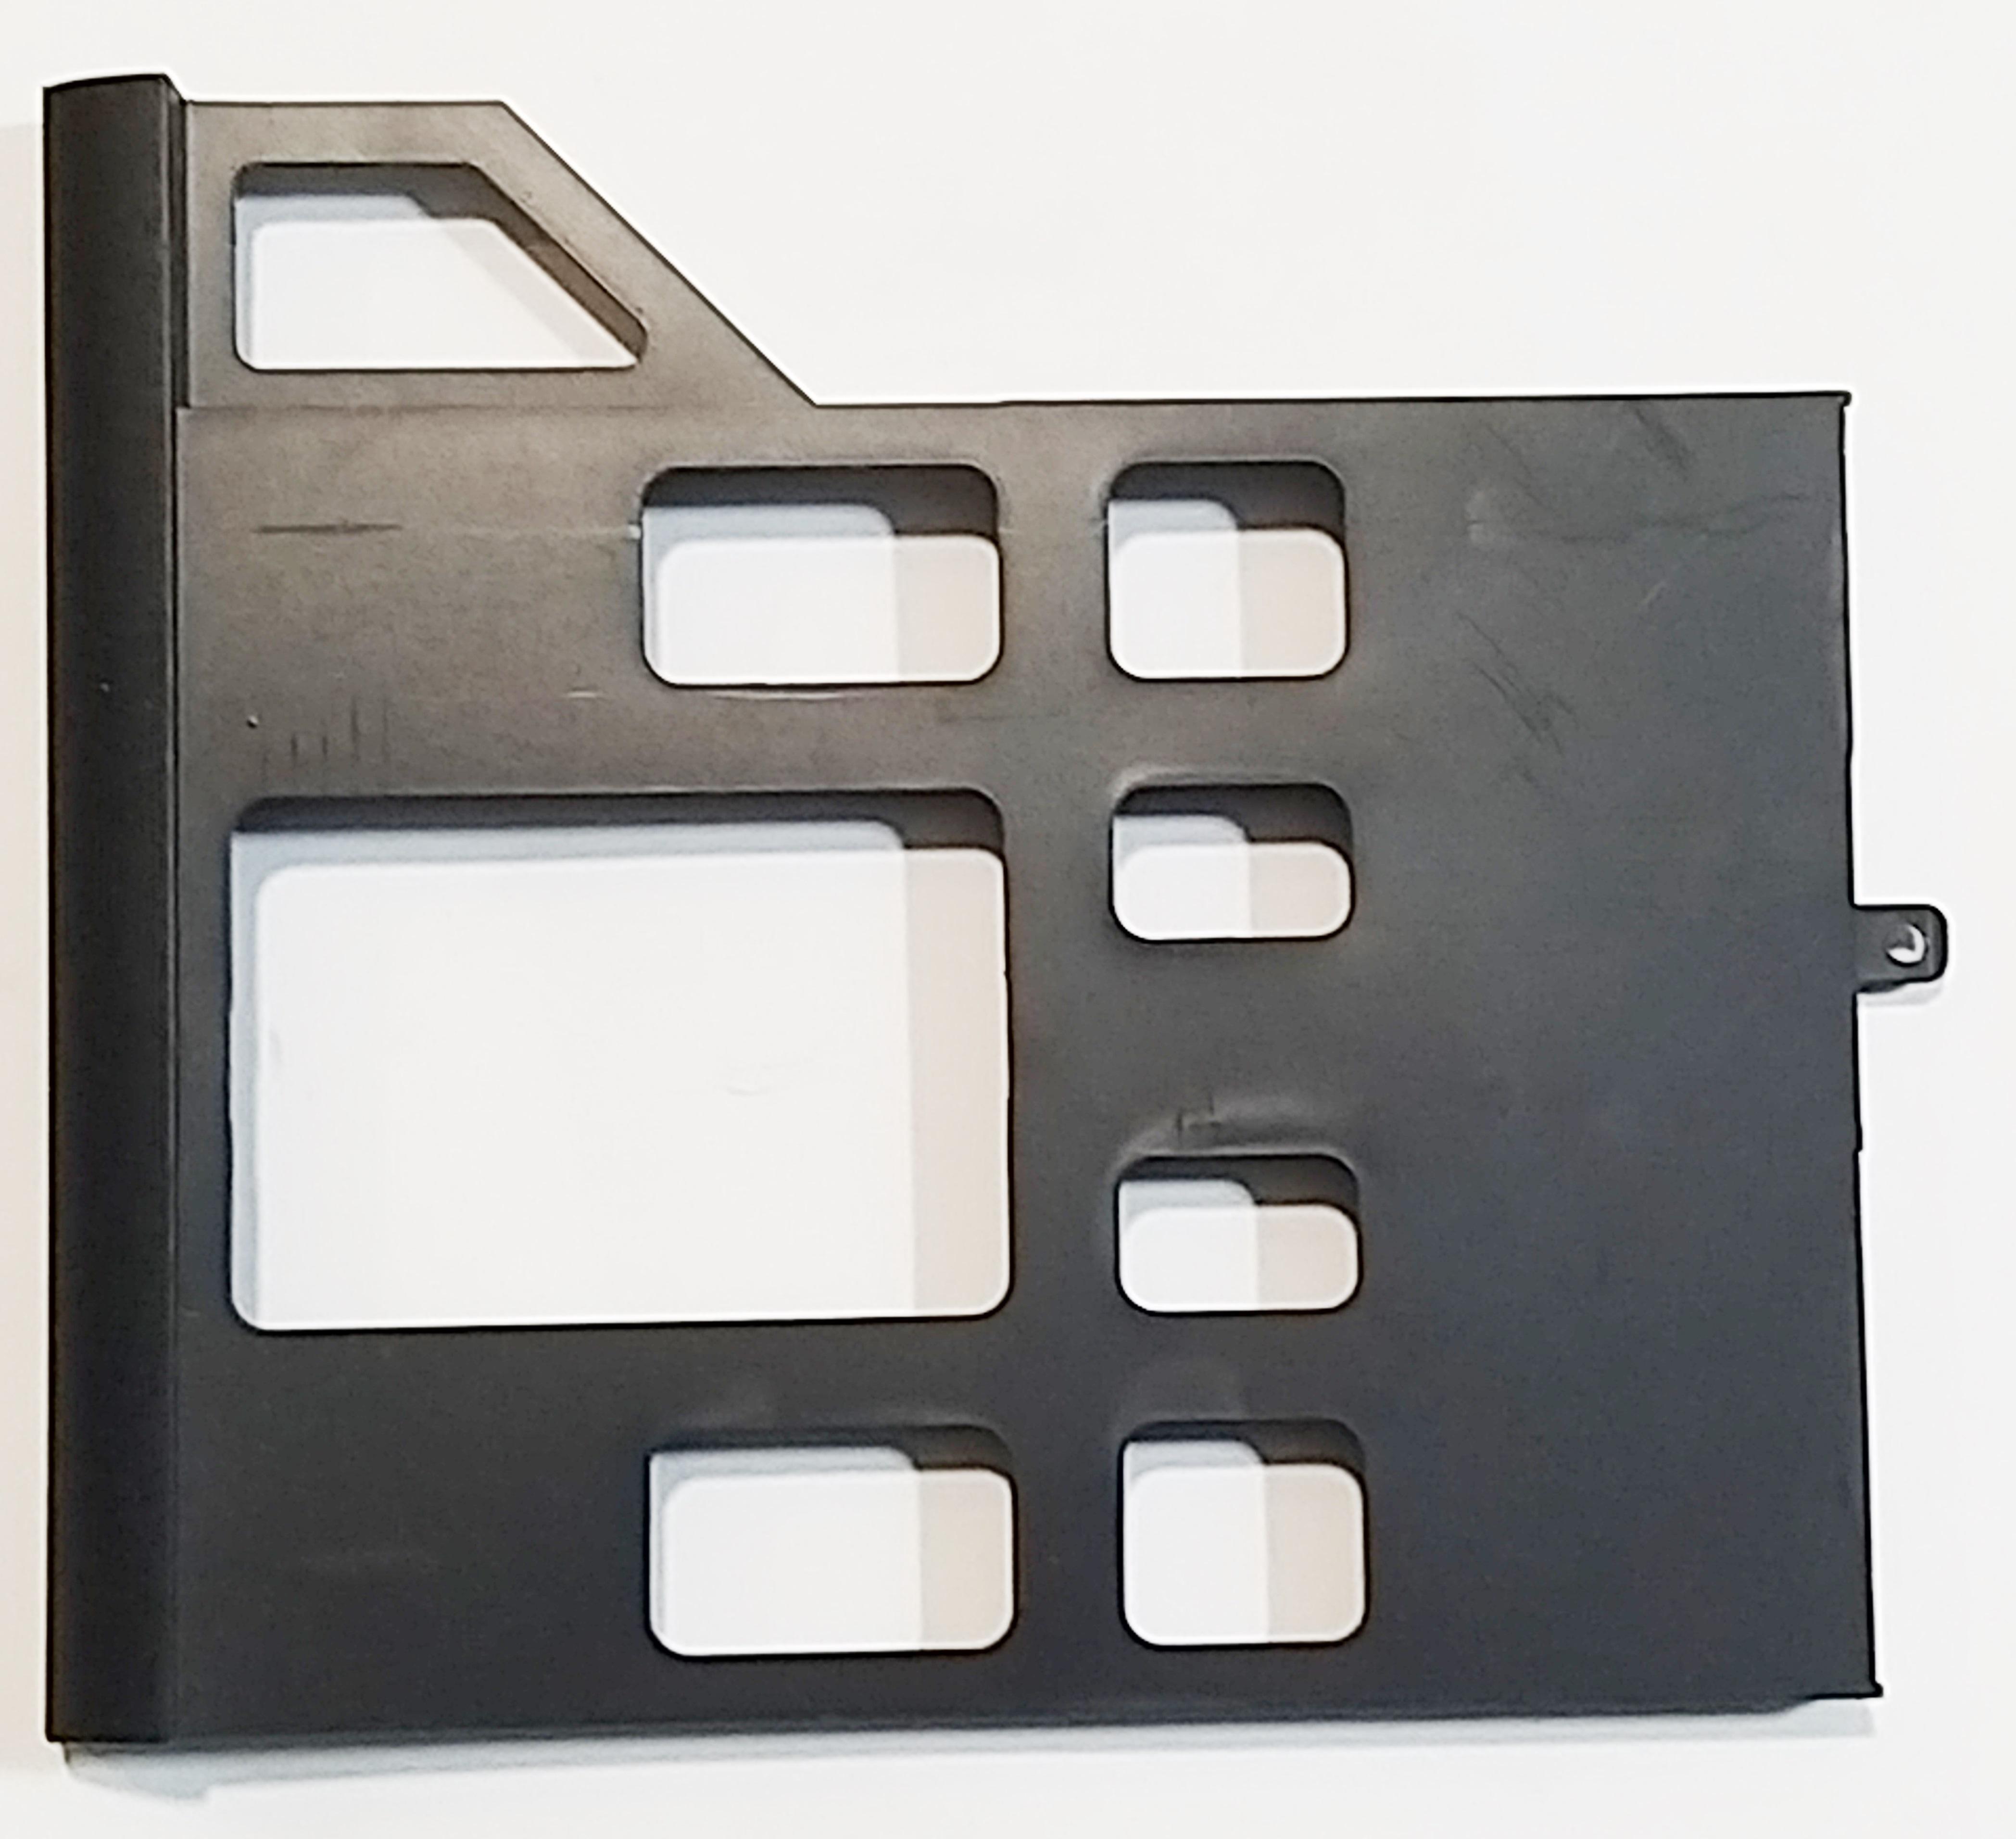 CARCASA TAPA DVD DRIVE DUMMY FA154000K00 ACER ASPIRE E5-521 Z5WAE